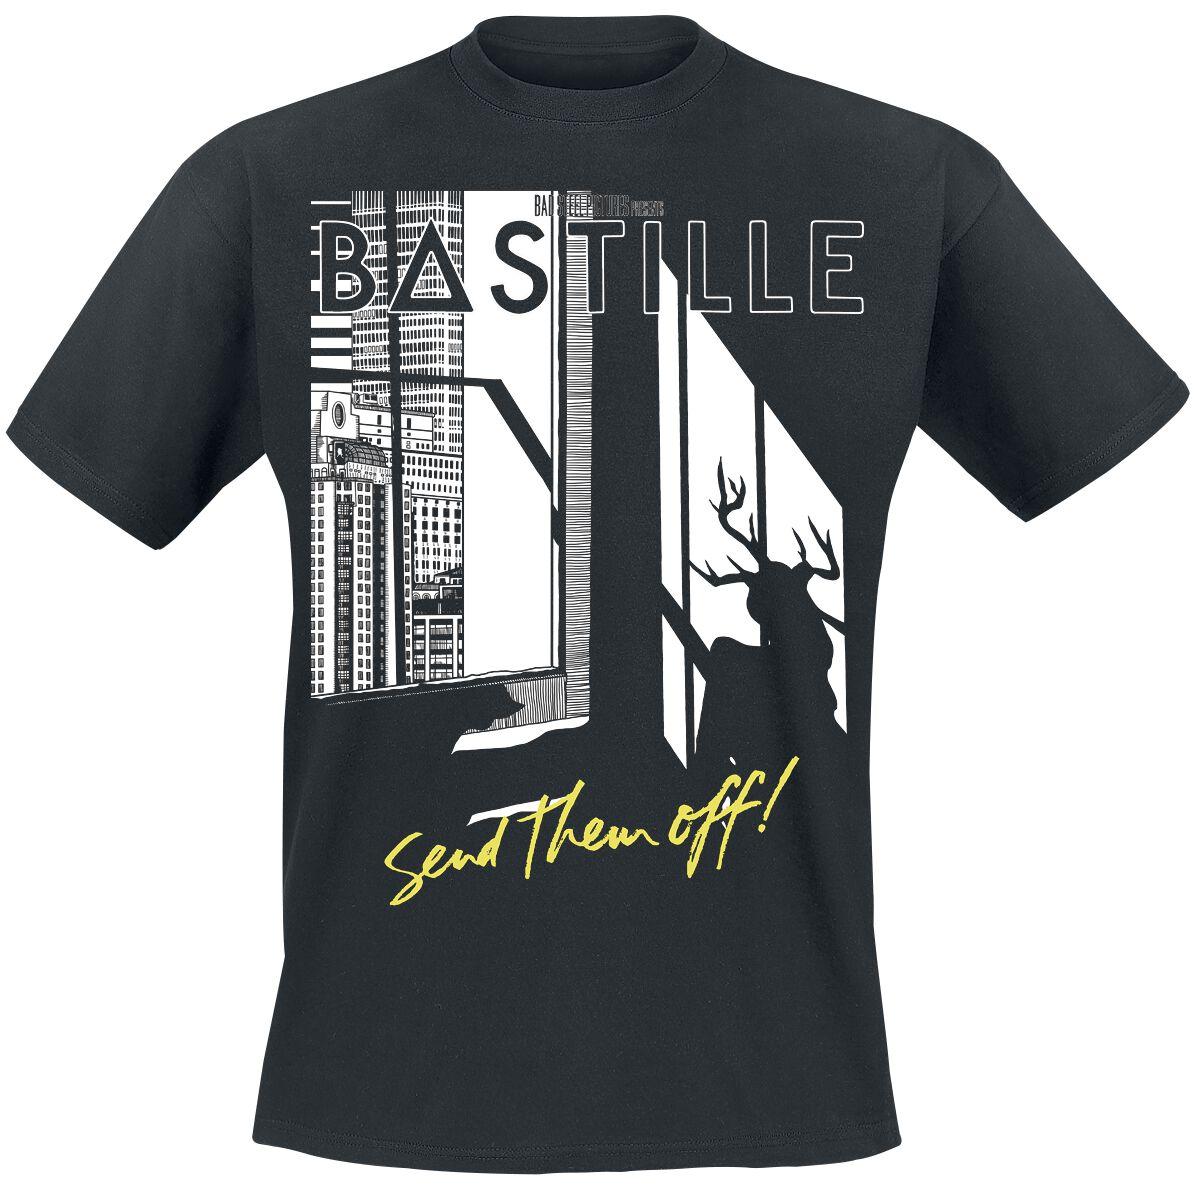 Zespoły - Koszulki - T-Shirt Bastille Send Them Off T-Shirt czarny - 376322